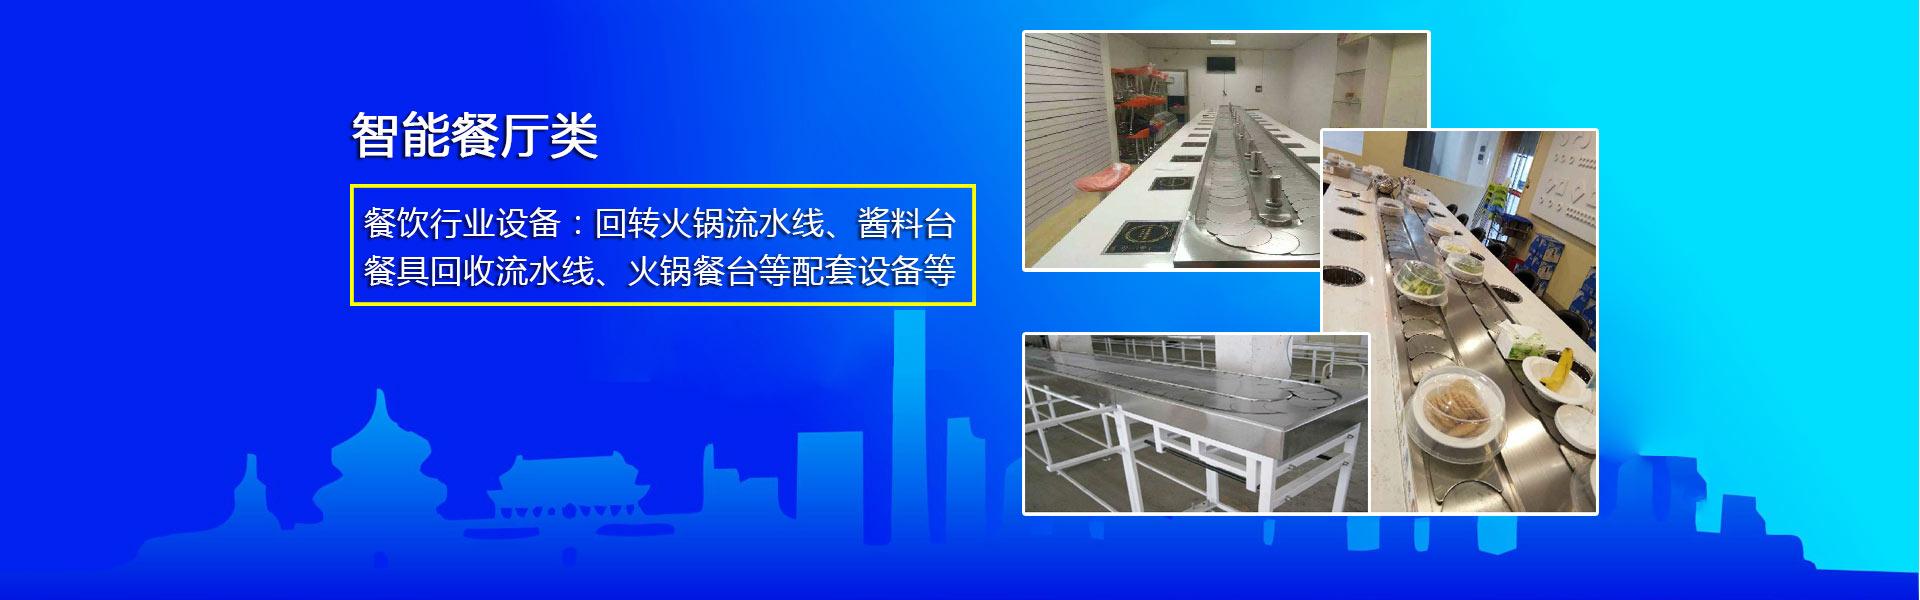 深圳市创盈时代科技有限公司